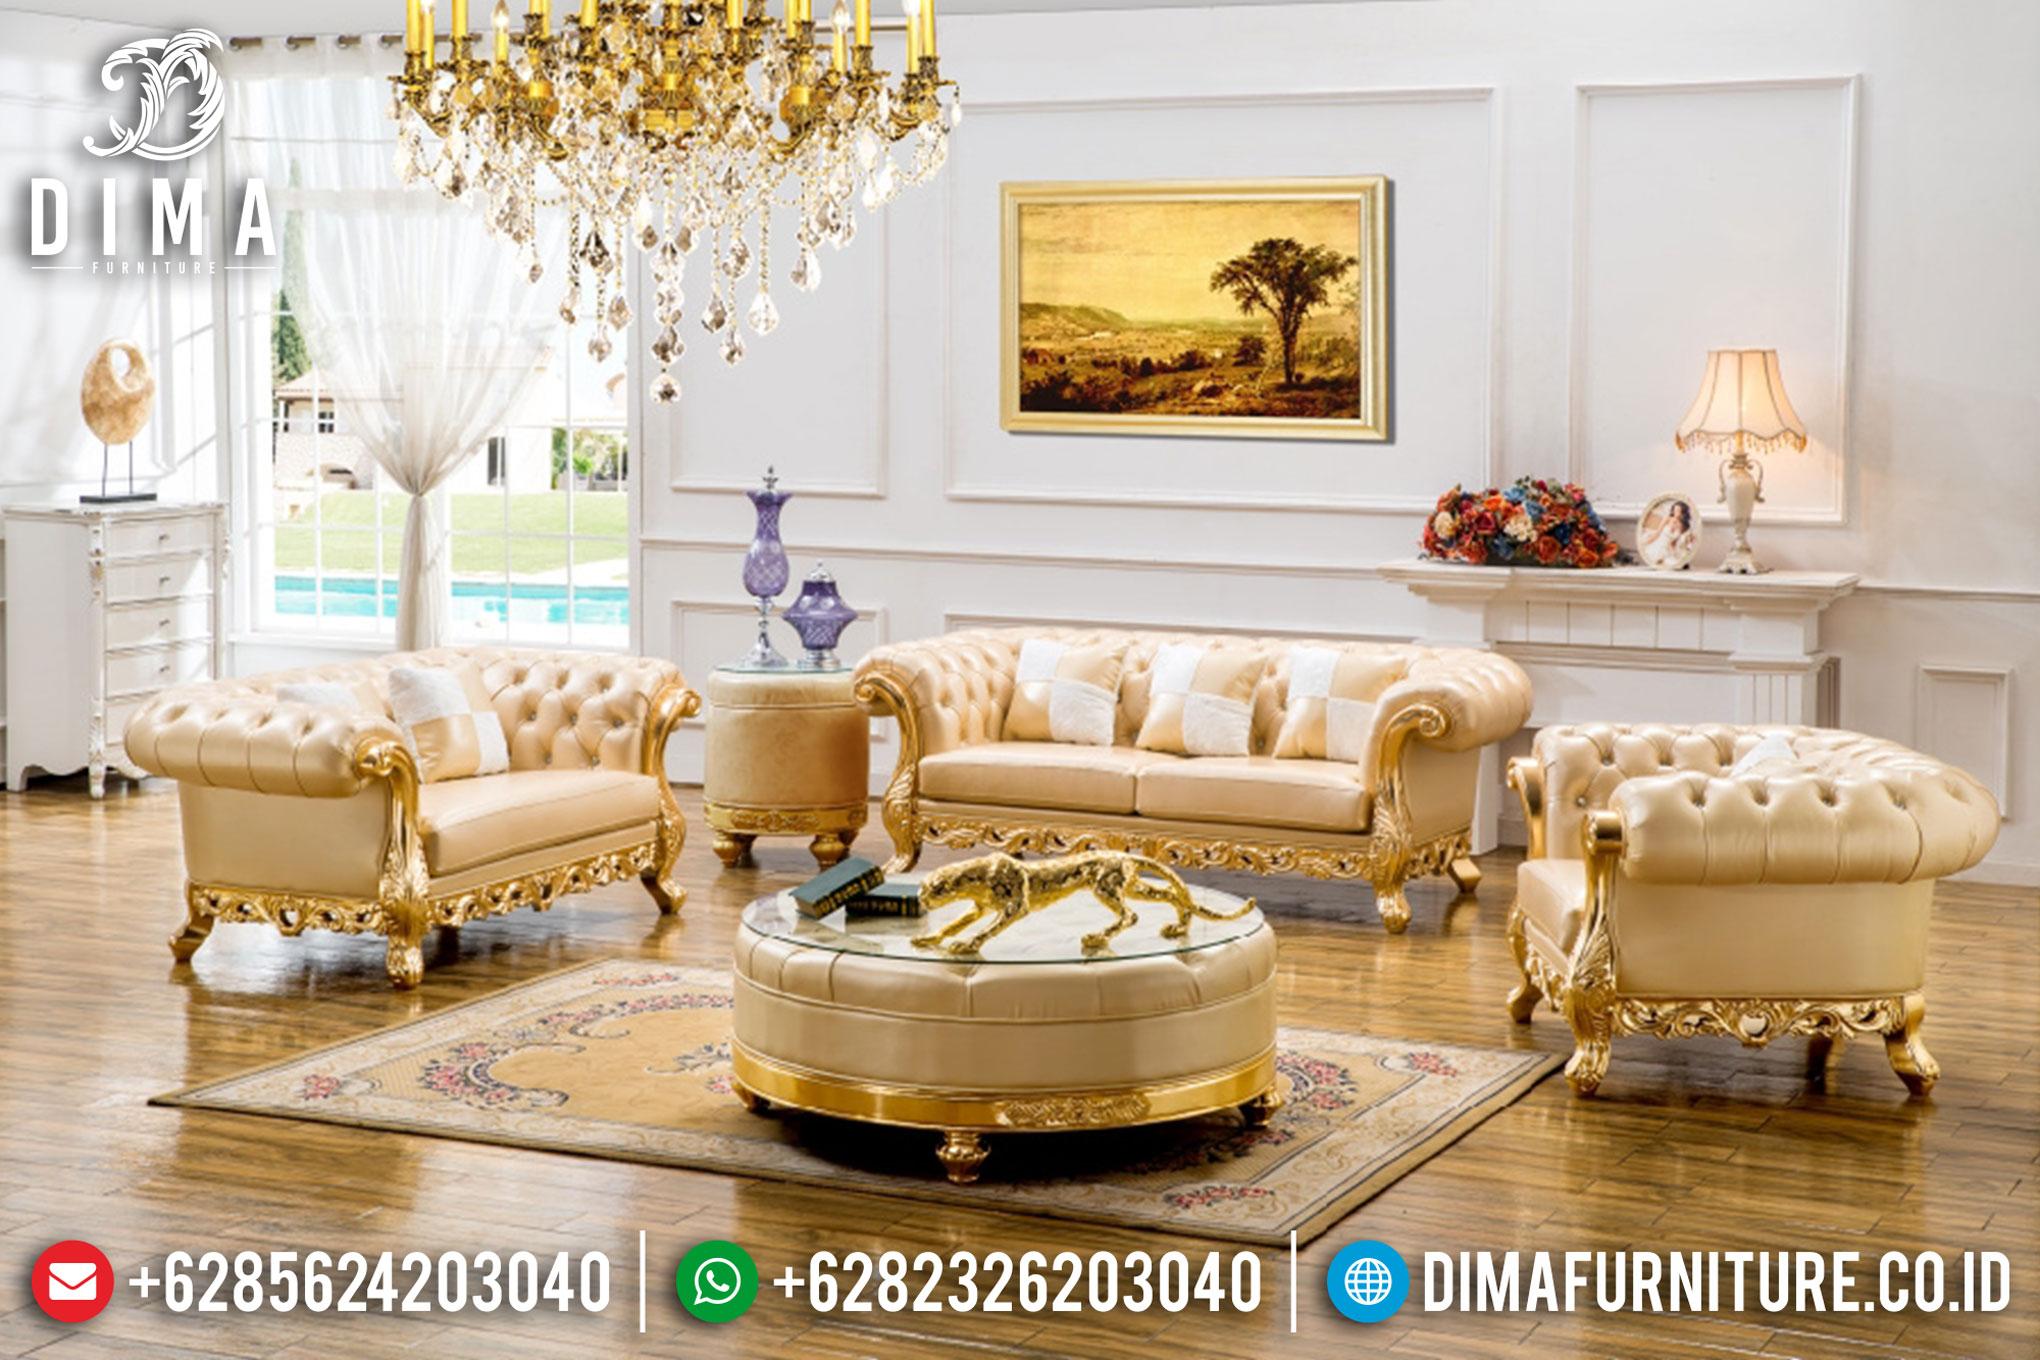 Sofa Tamu Jepara Mewah Minimalis Terbaru 13 Dima Furniture Jepara